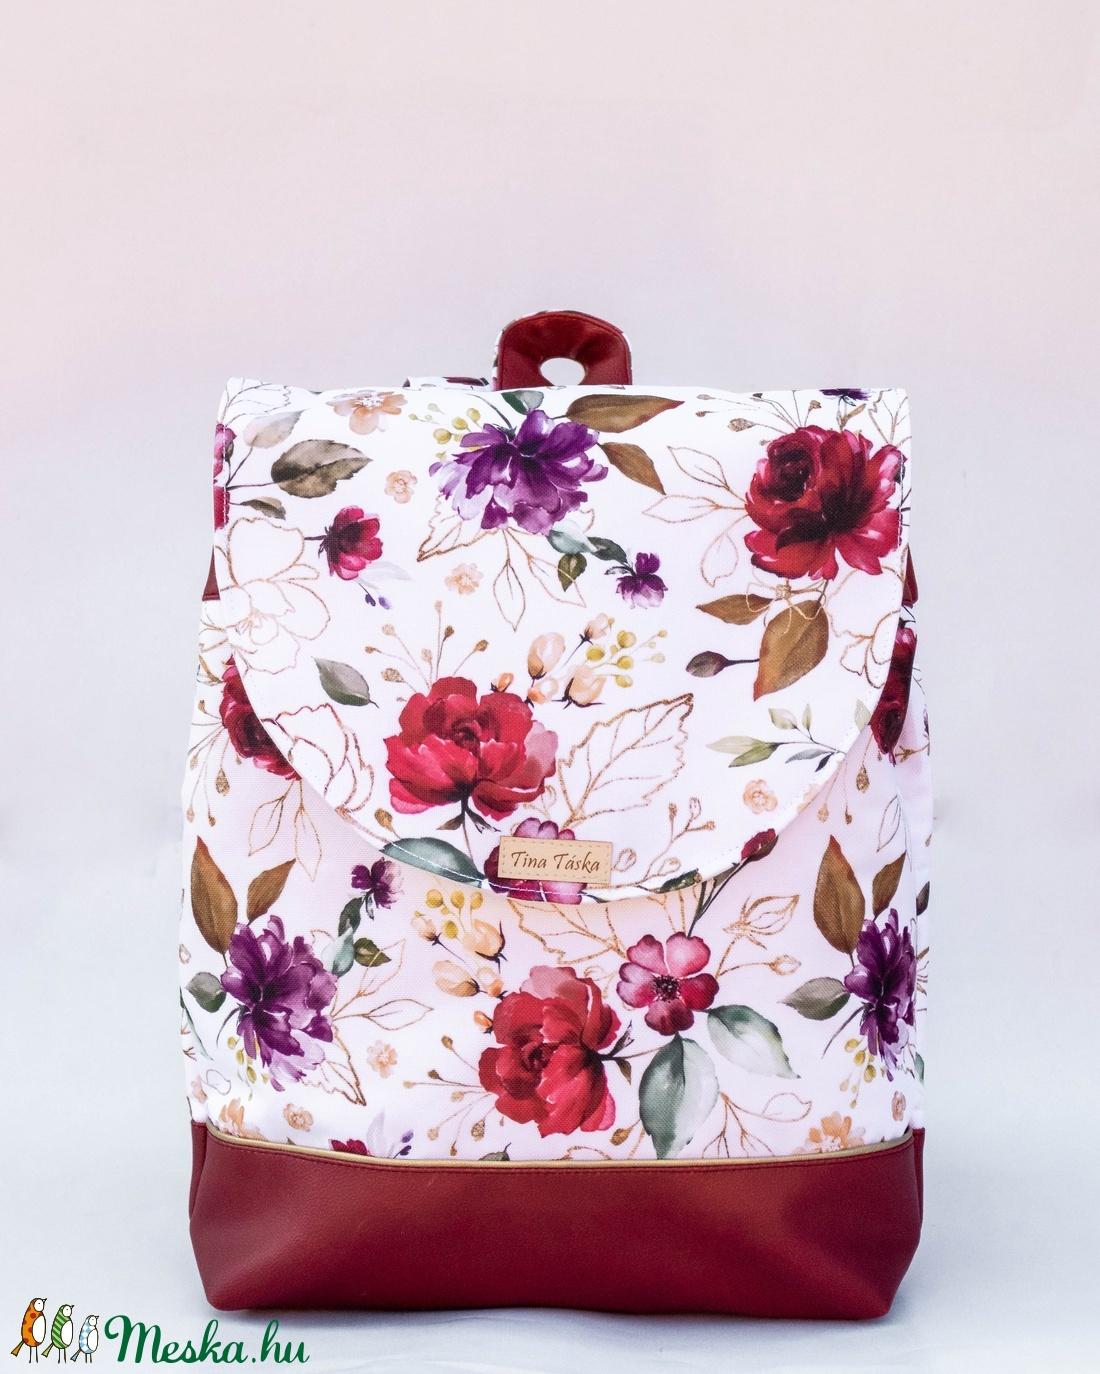 Bordó - fehér, virágos hátizsák - táska & tok - hátizsák - hátizsák - Meska.hu